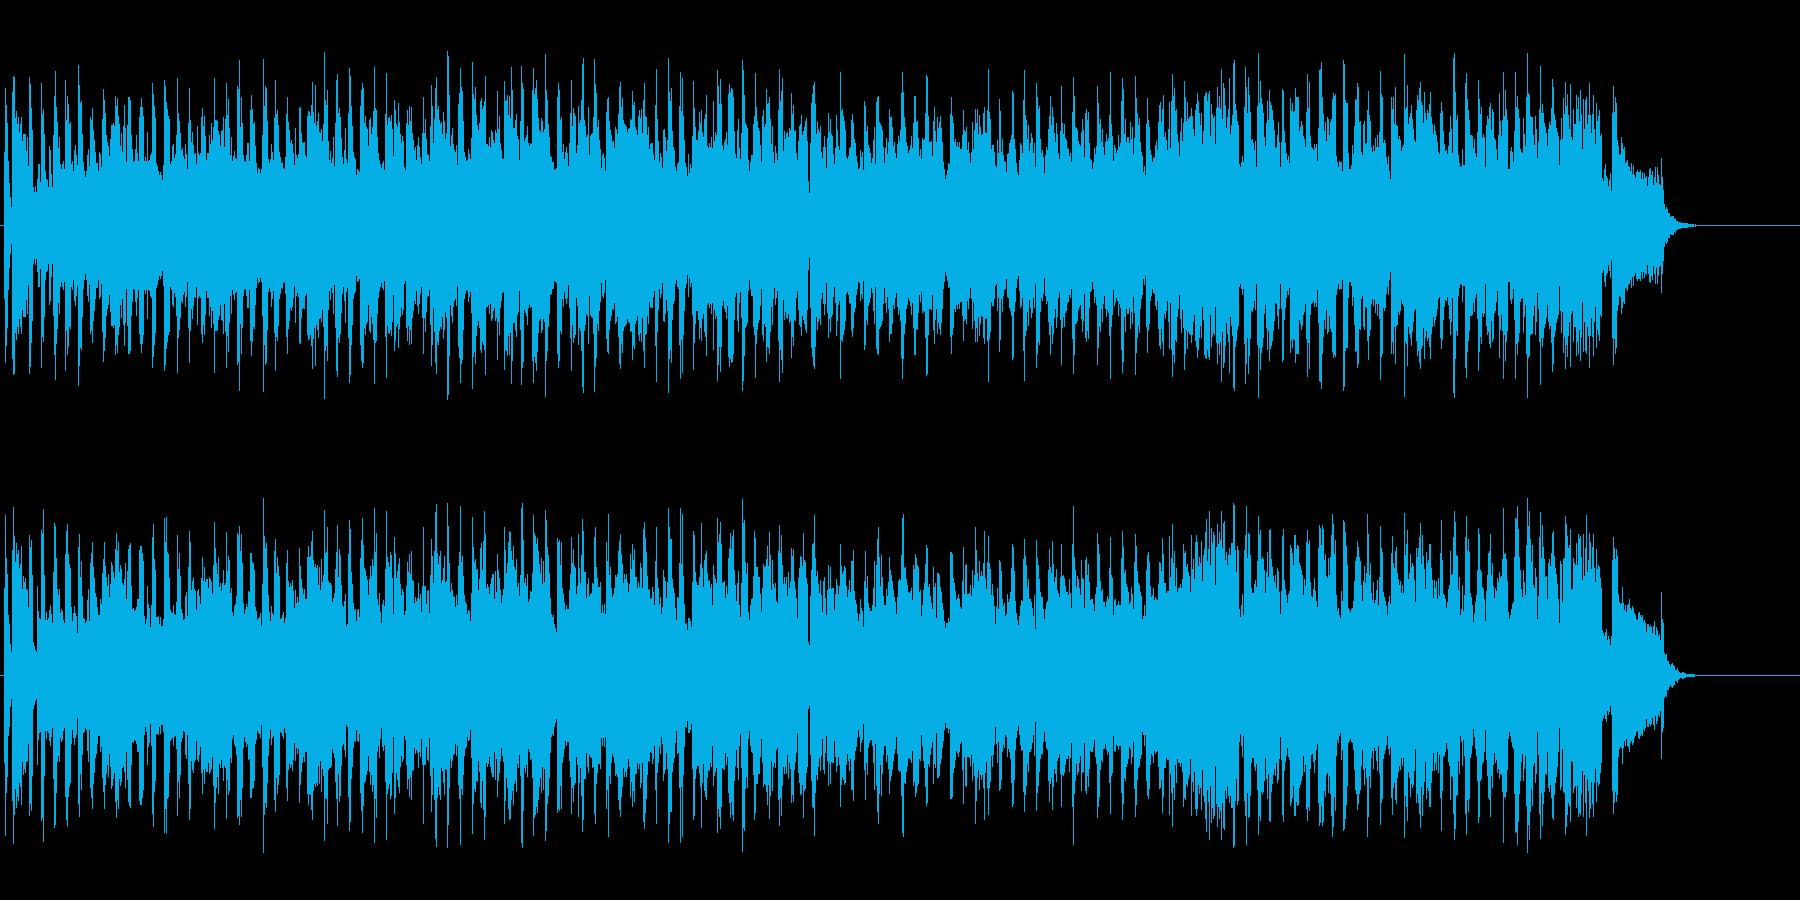 ゆったり陽気なデキシーランド・ジャズ風の再生済みの波形